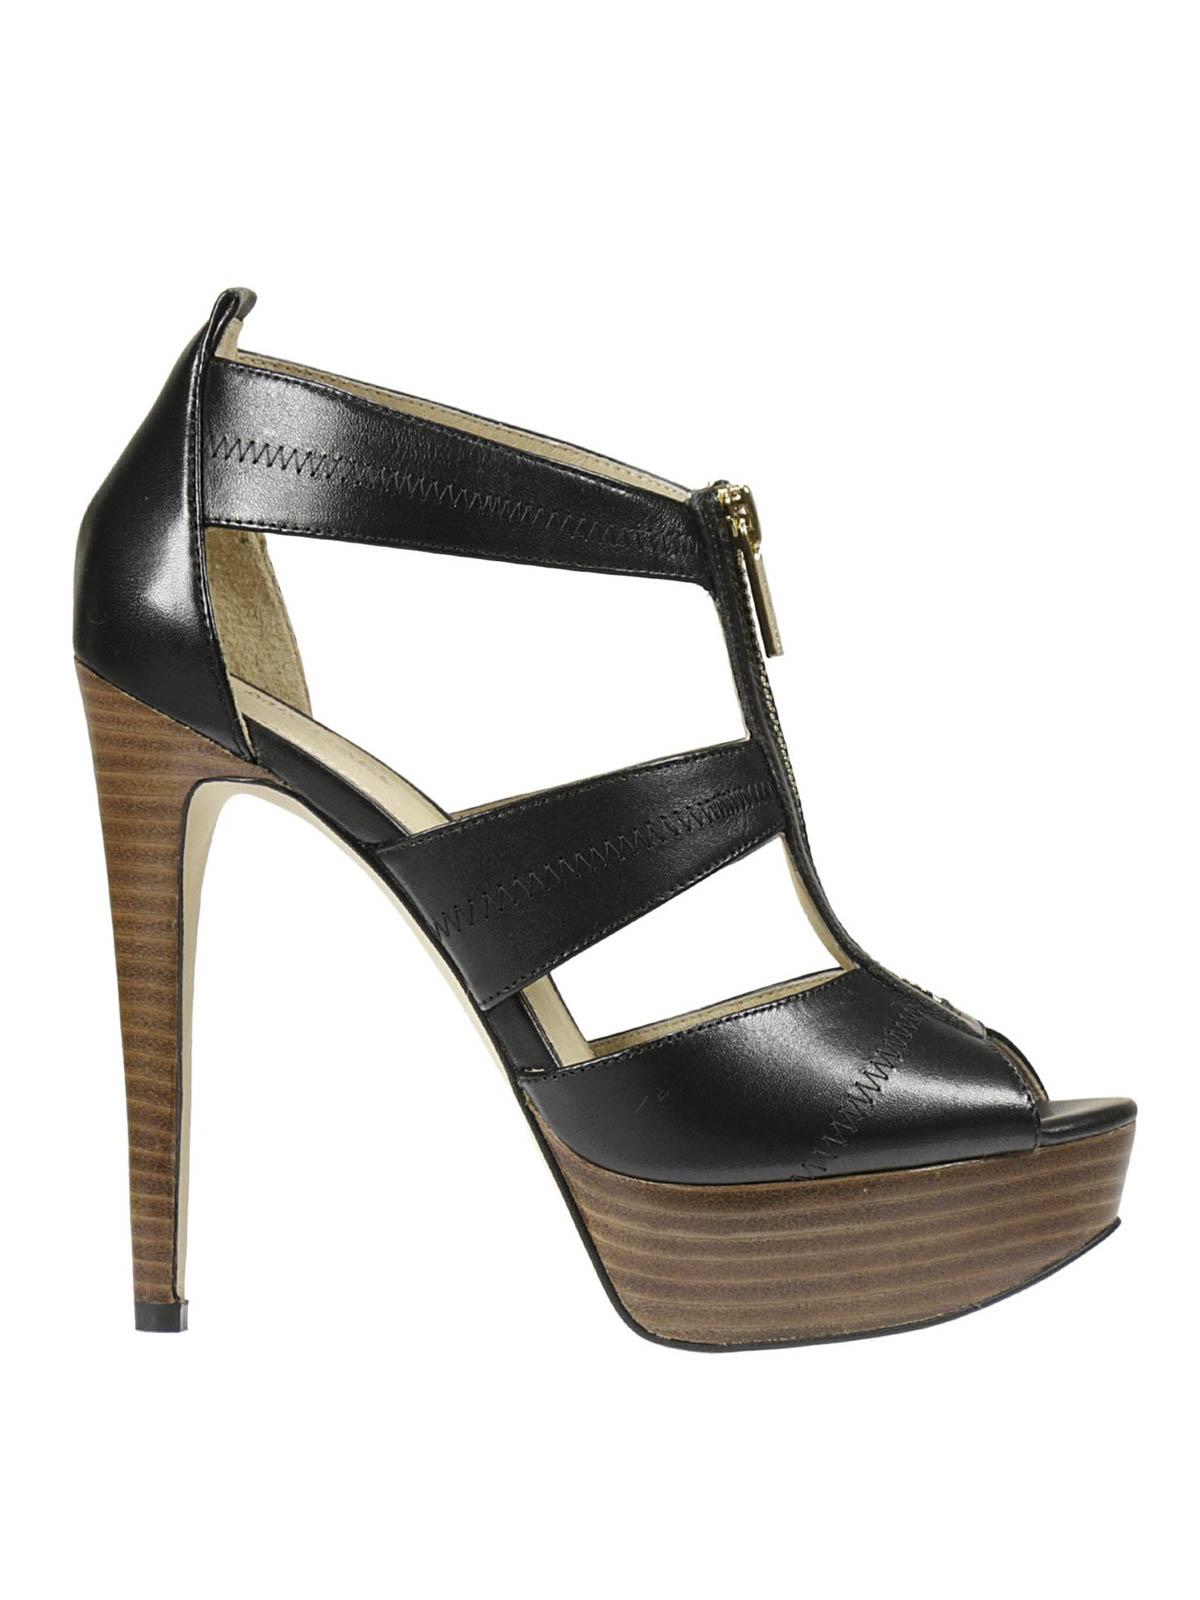 5cab3730f35c Michael Kors - Berkley sandals - sandals - 40R3BRHA1L